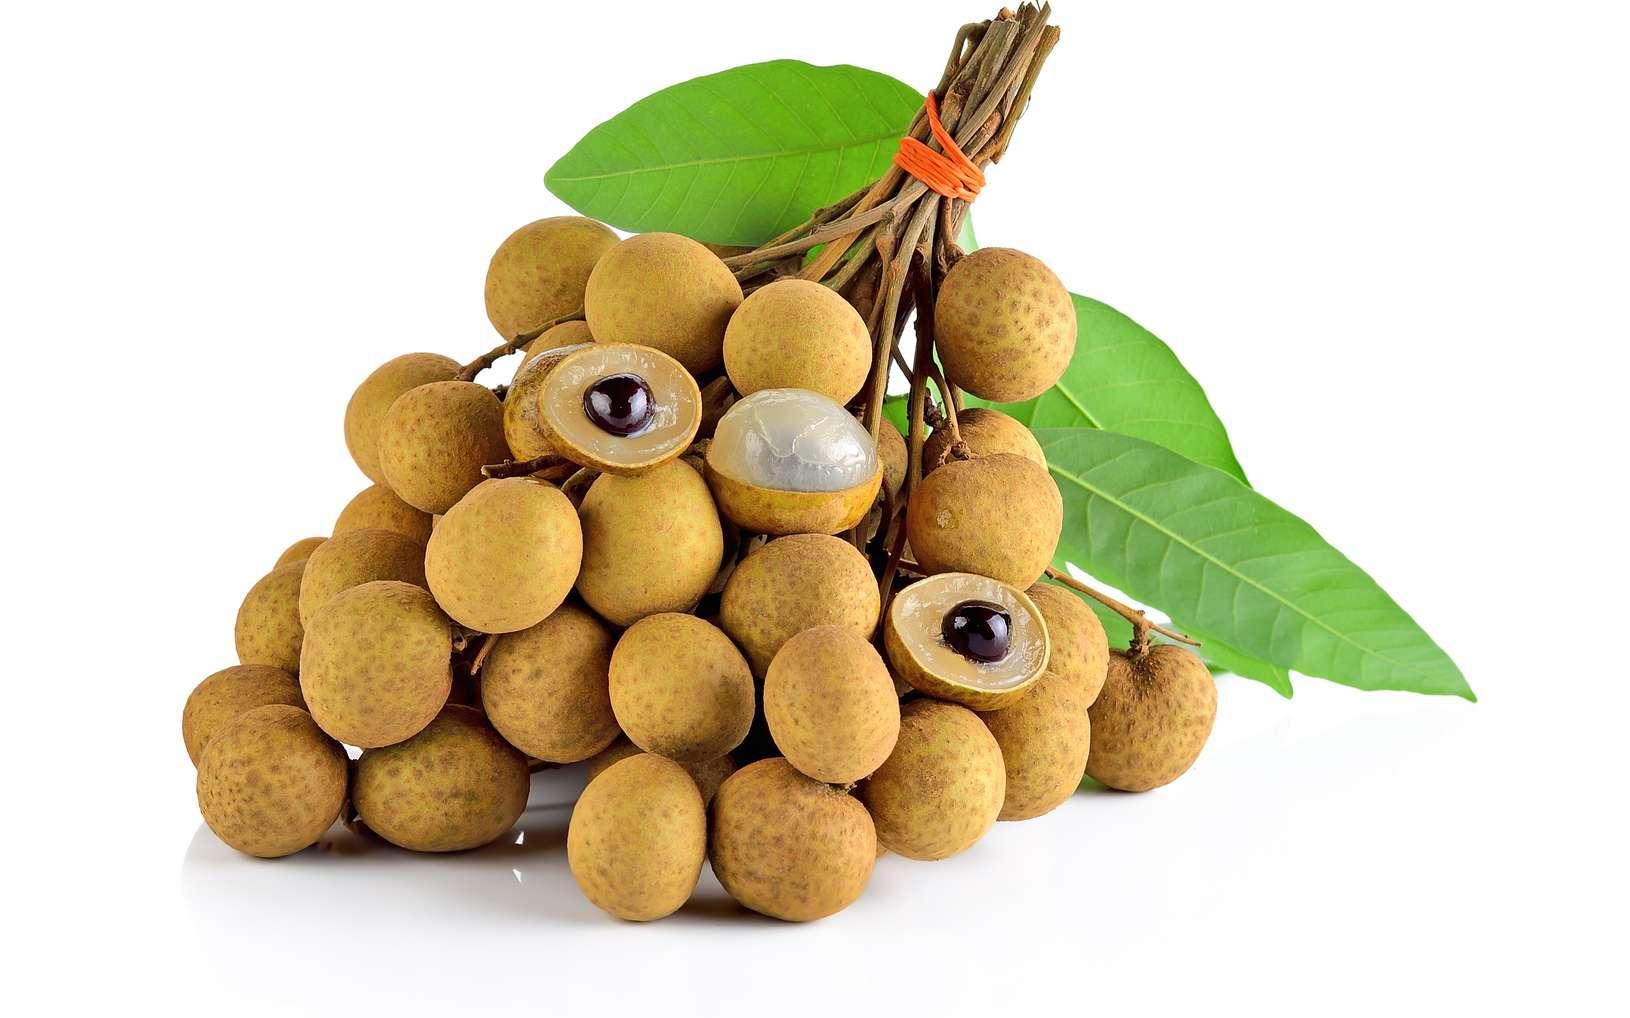 Le longane est un fruit particulièrement riche en vitamine C et en sucre (13 g pour 100 g). © nakornchaiyajina, Fotolia